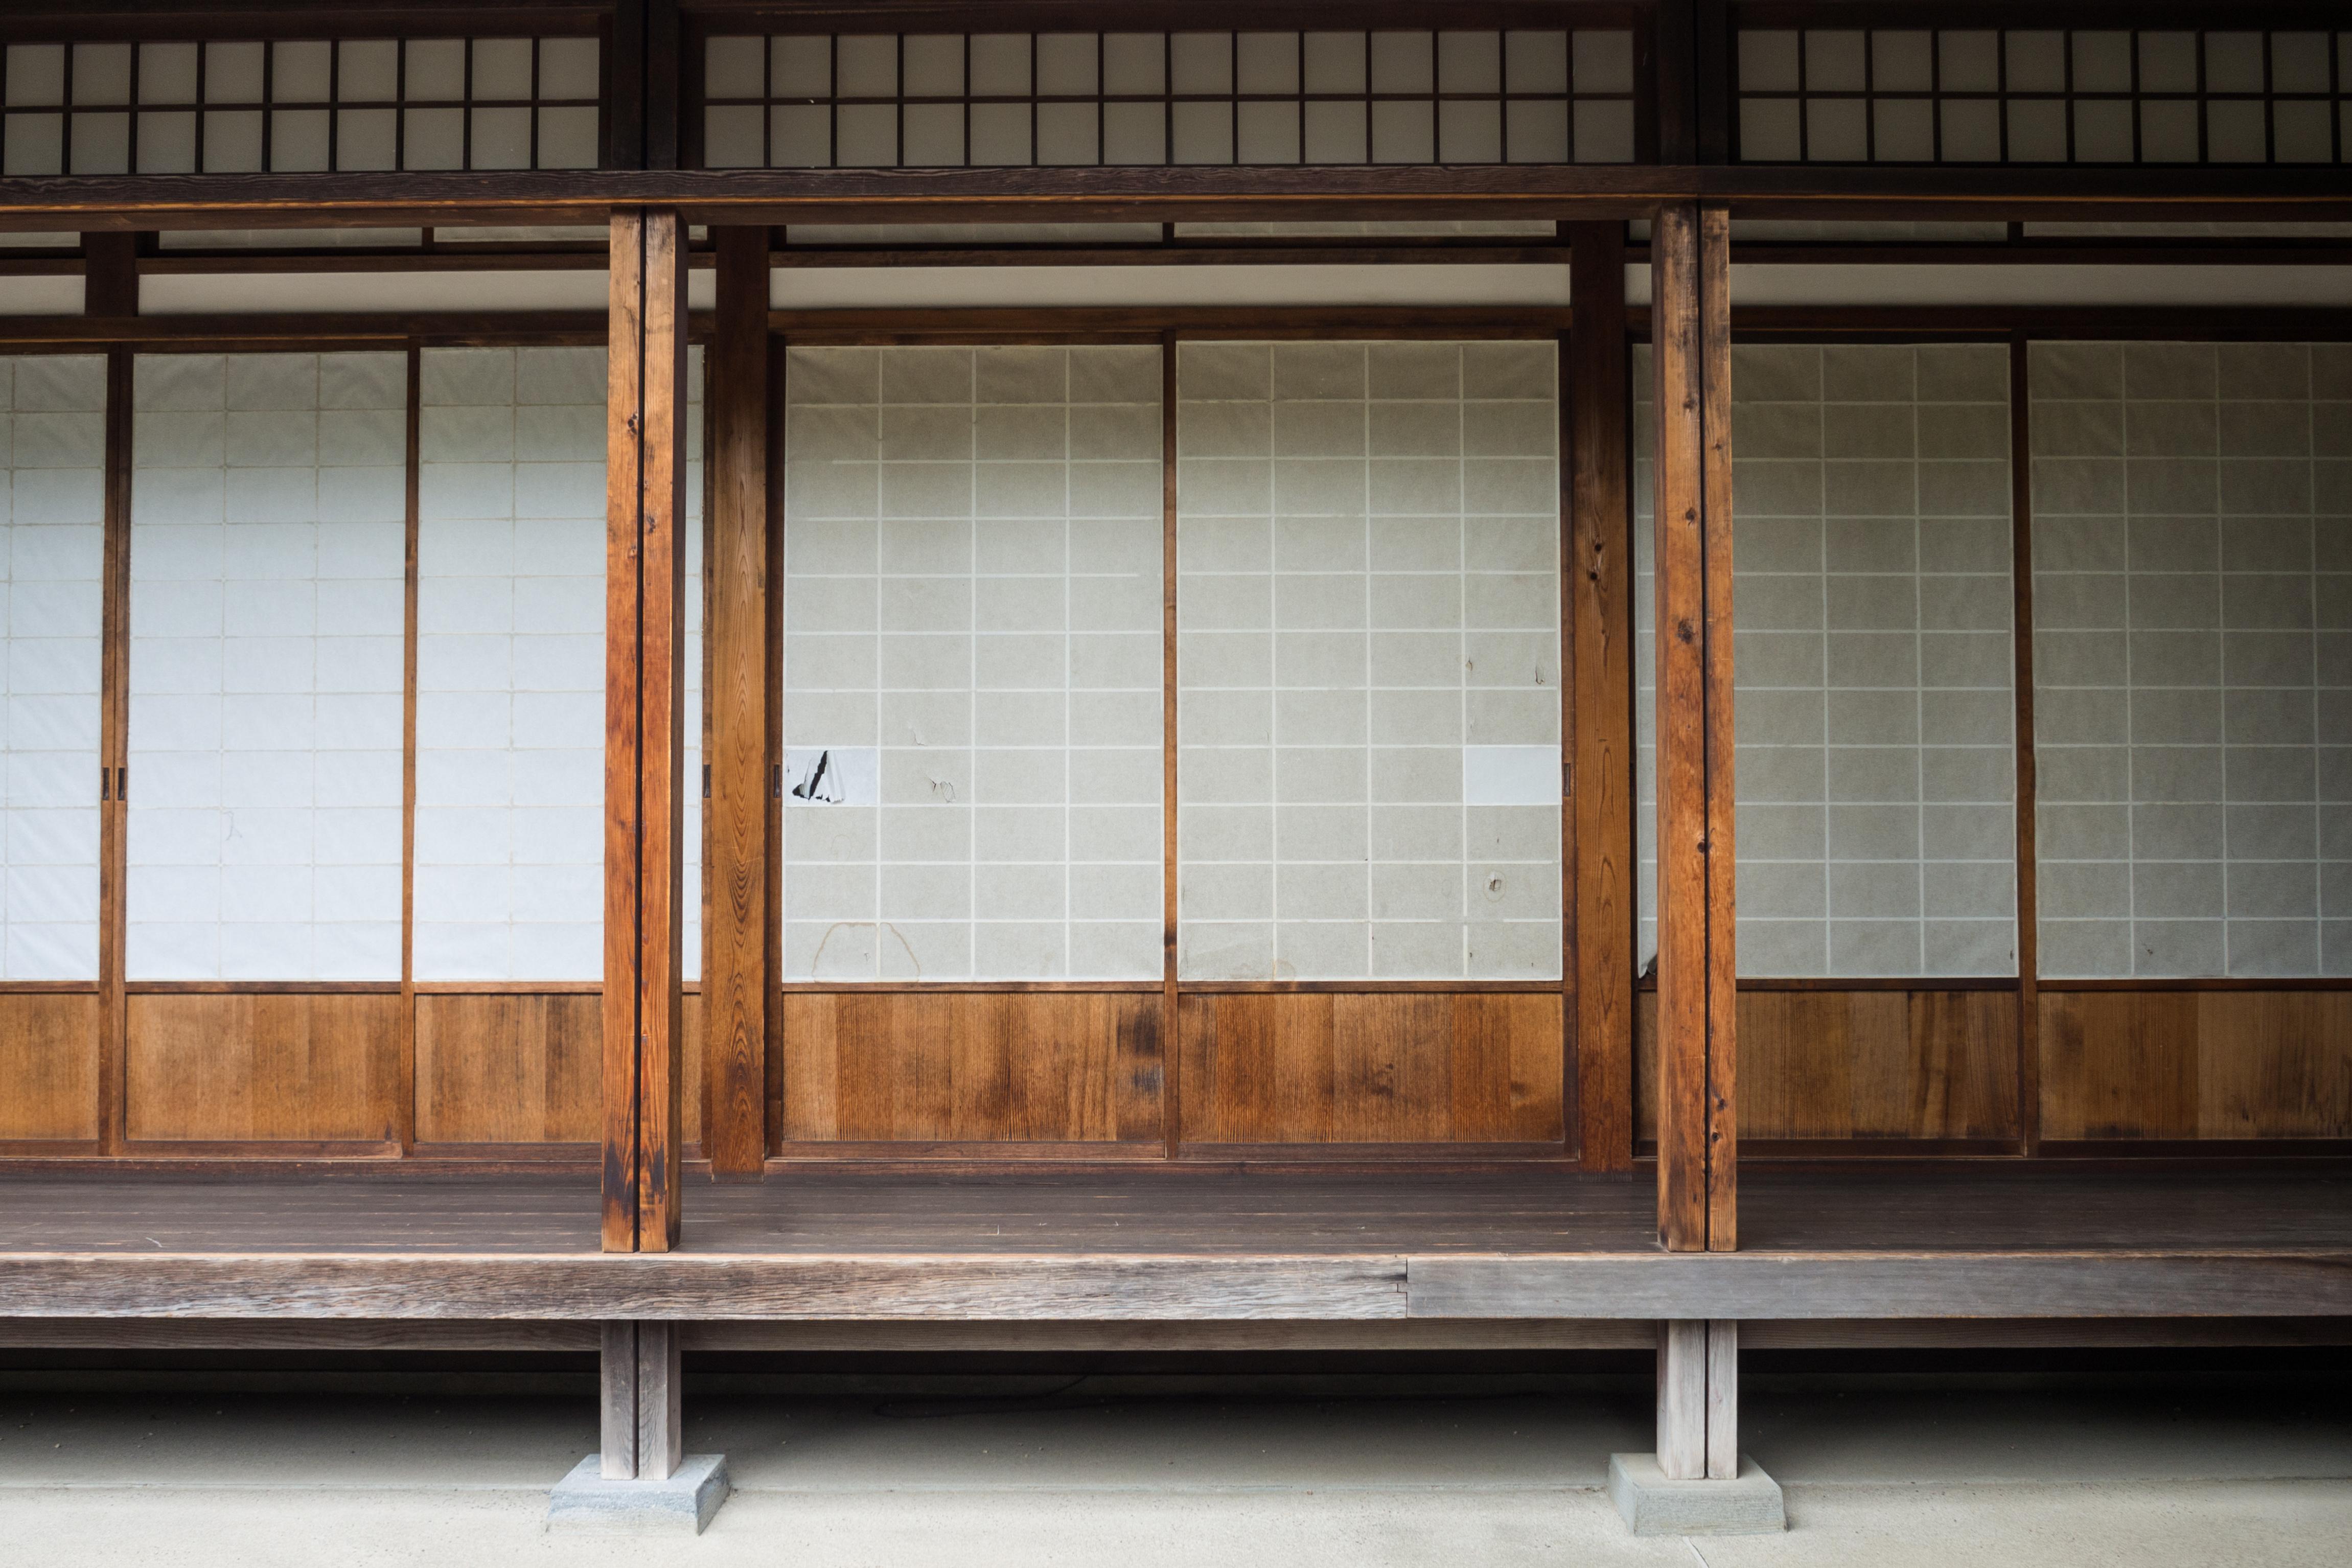 東京・神奈川の木部あく洗いなら調和プロダクトサービスへお任せ下さい!